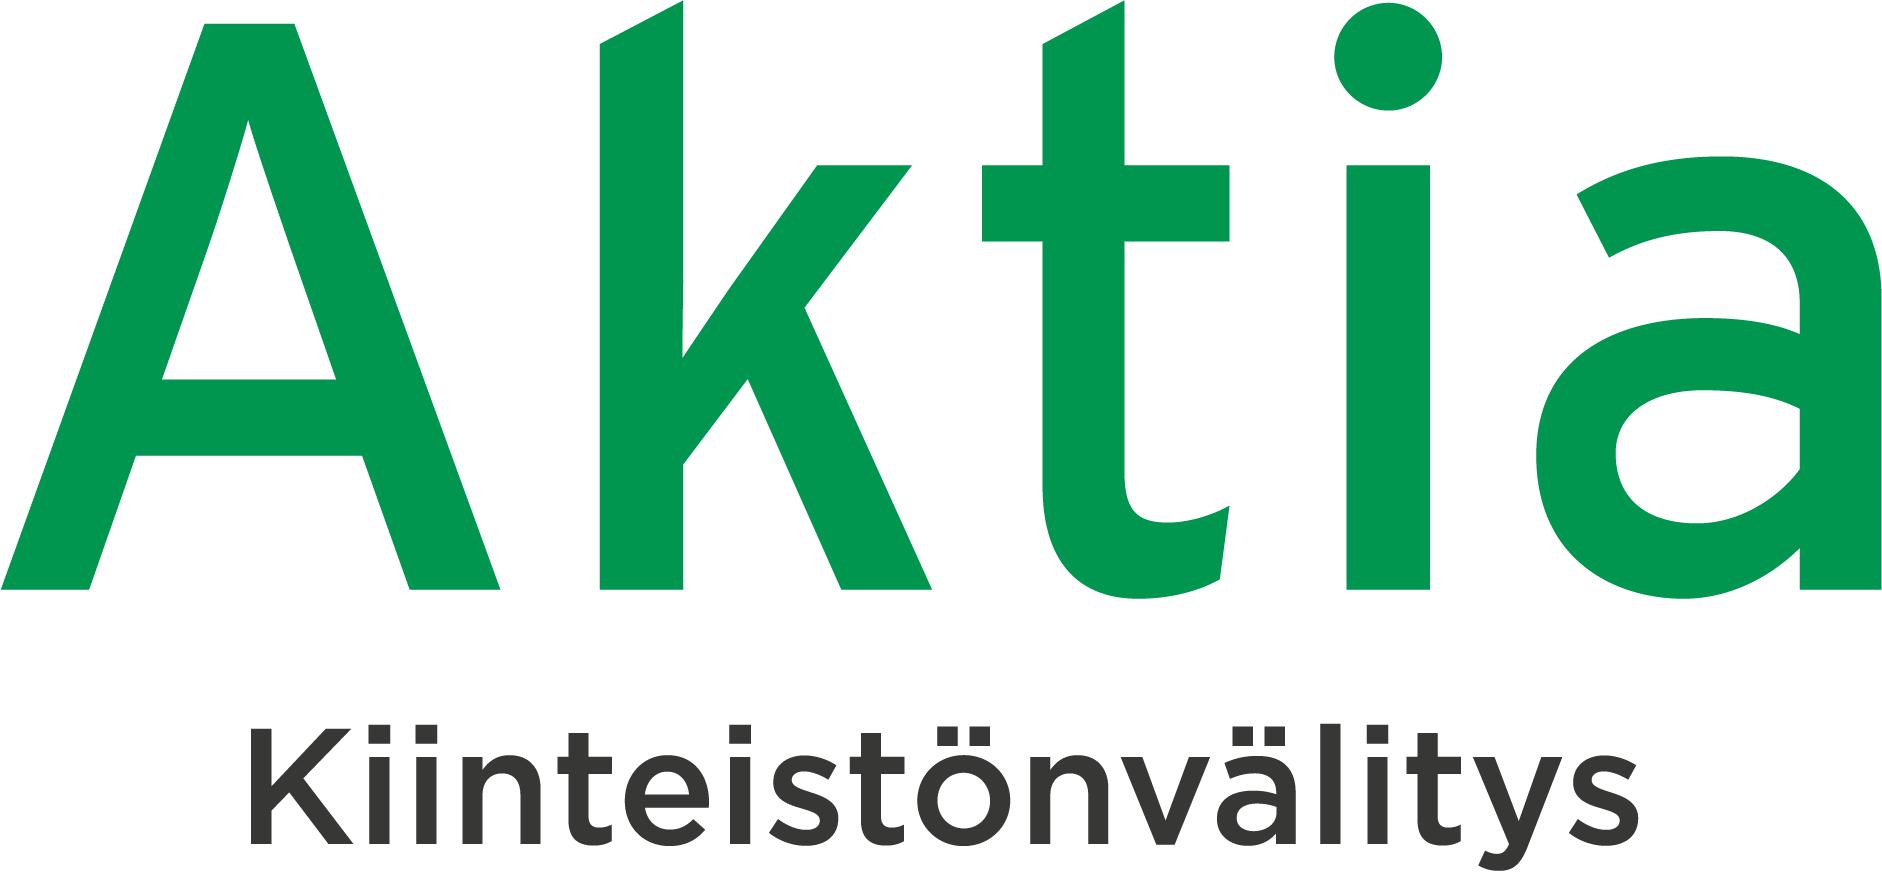 Aktia Kiinteistönvälitys Oy, Karjaa, Aktia Fastighetsförmedl